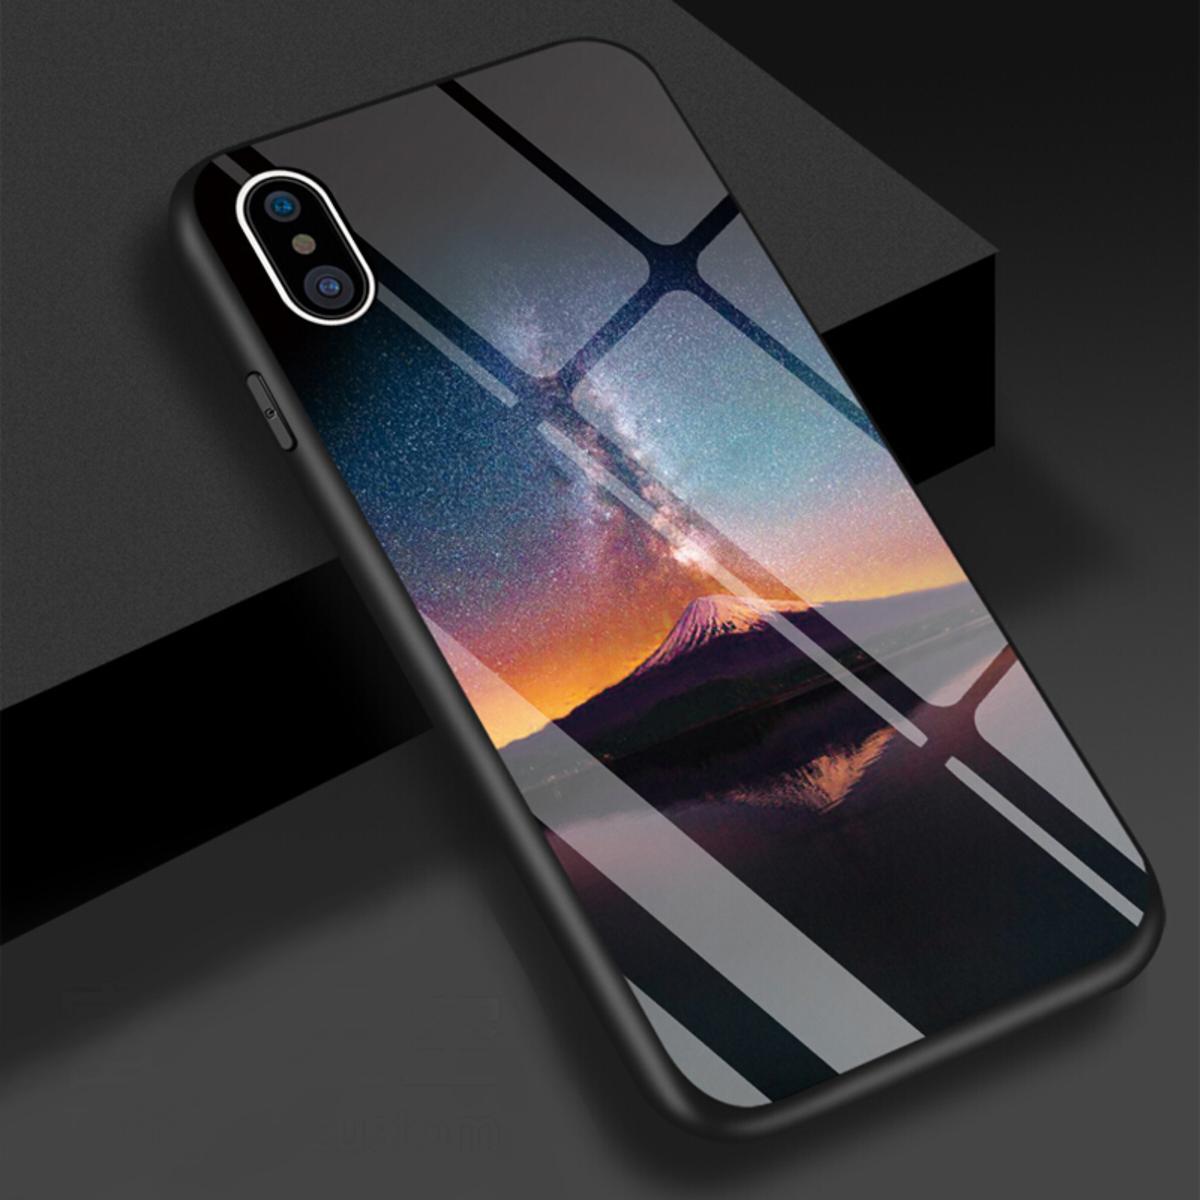 iPhone Xs 3D高防護鋼化玻璃外殼 (富士星空)